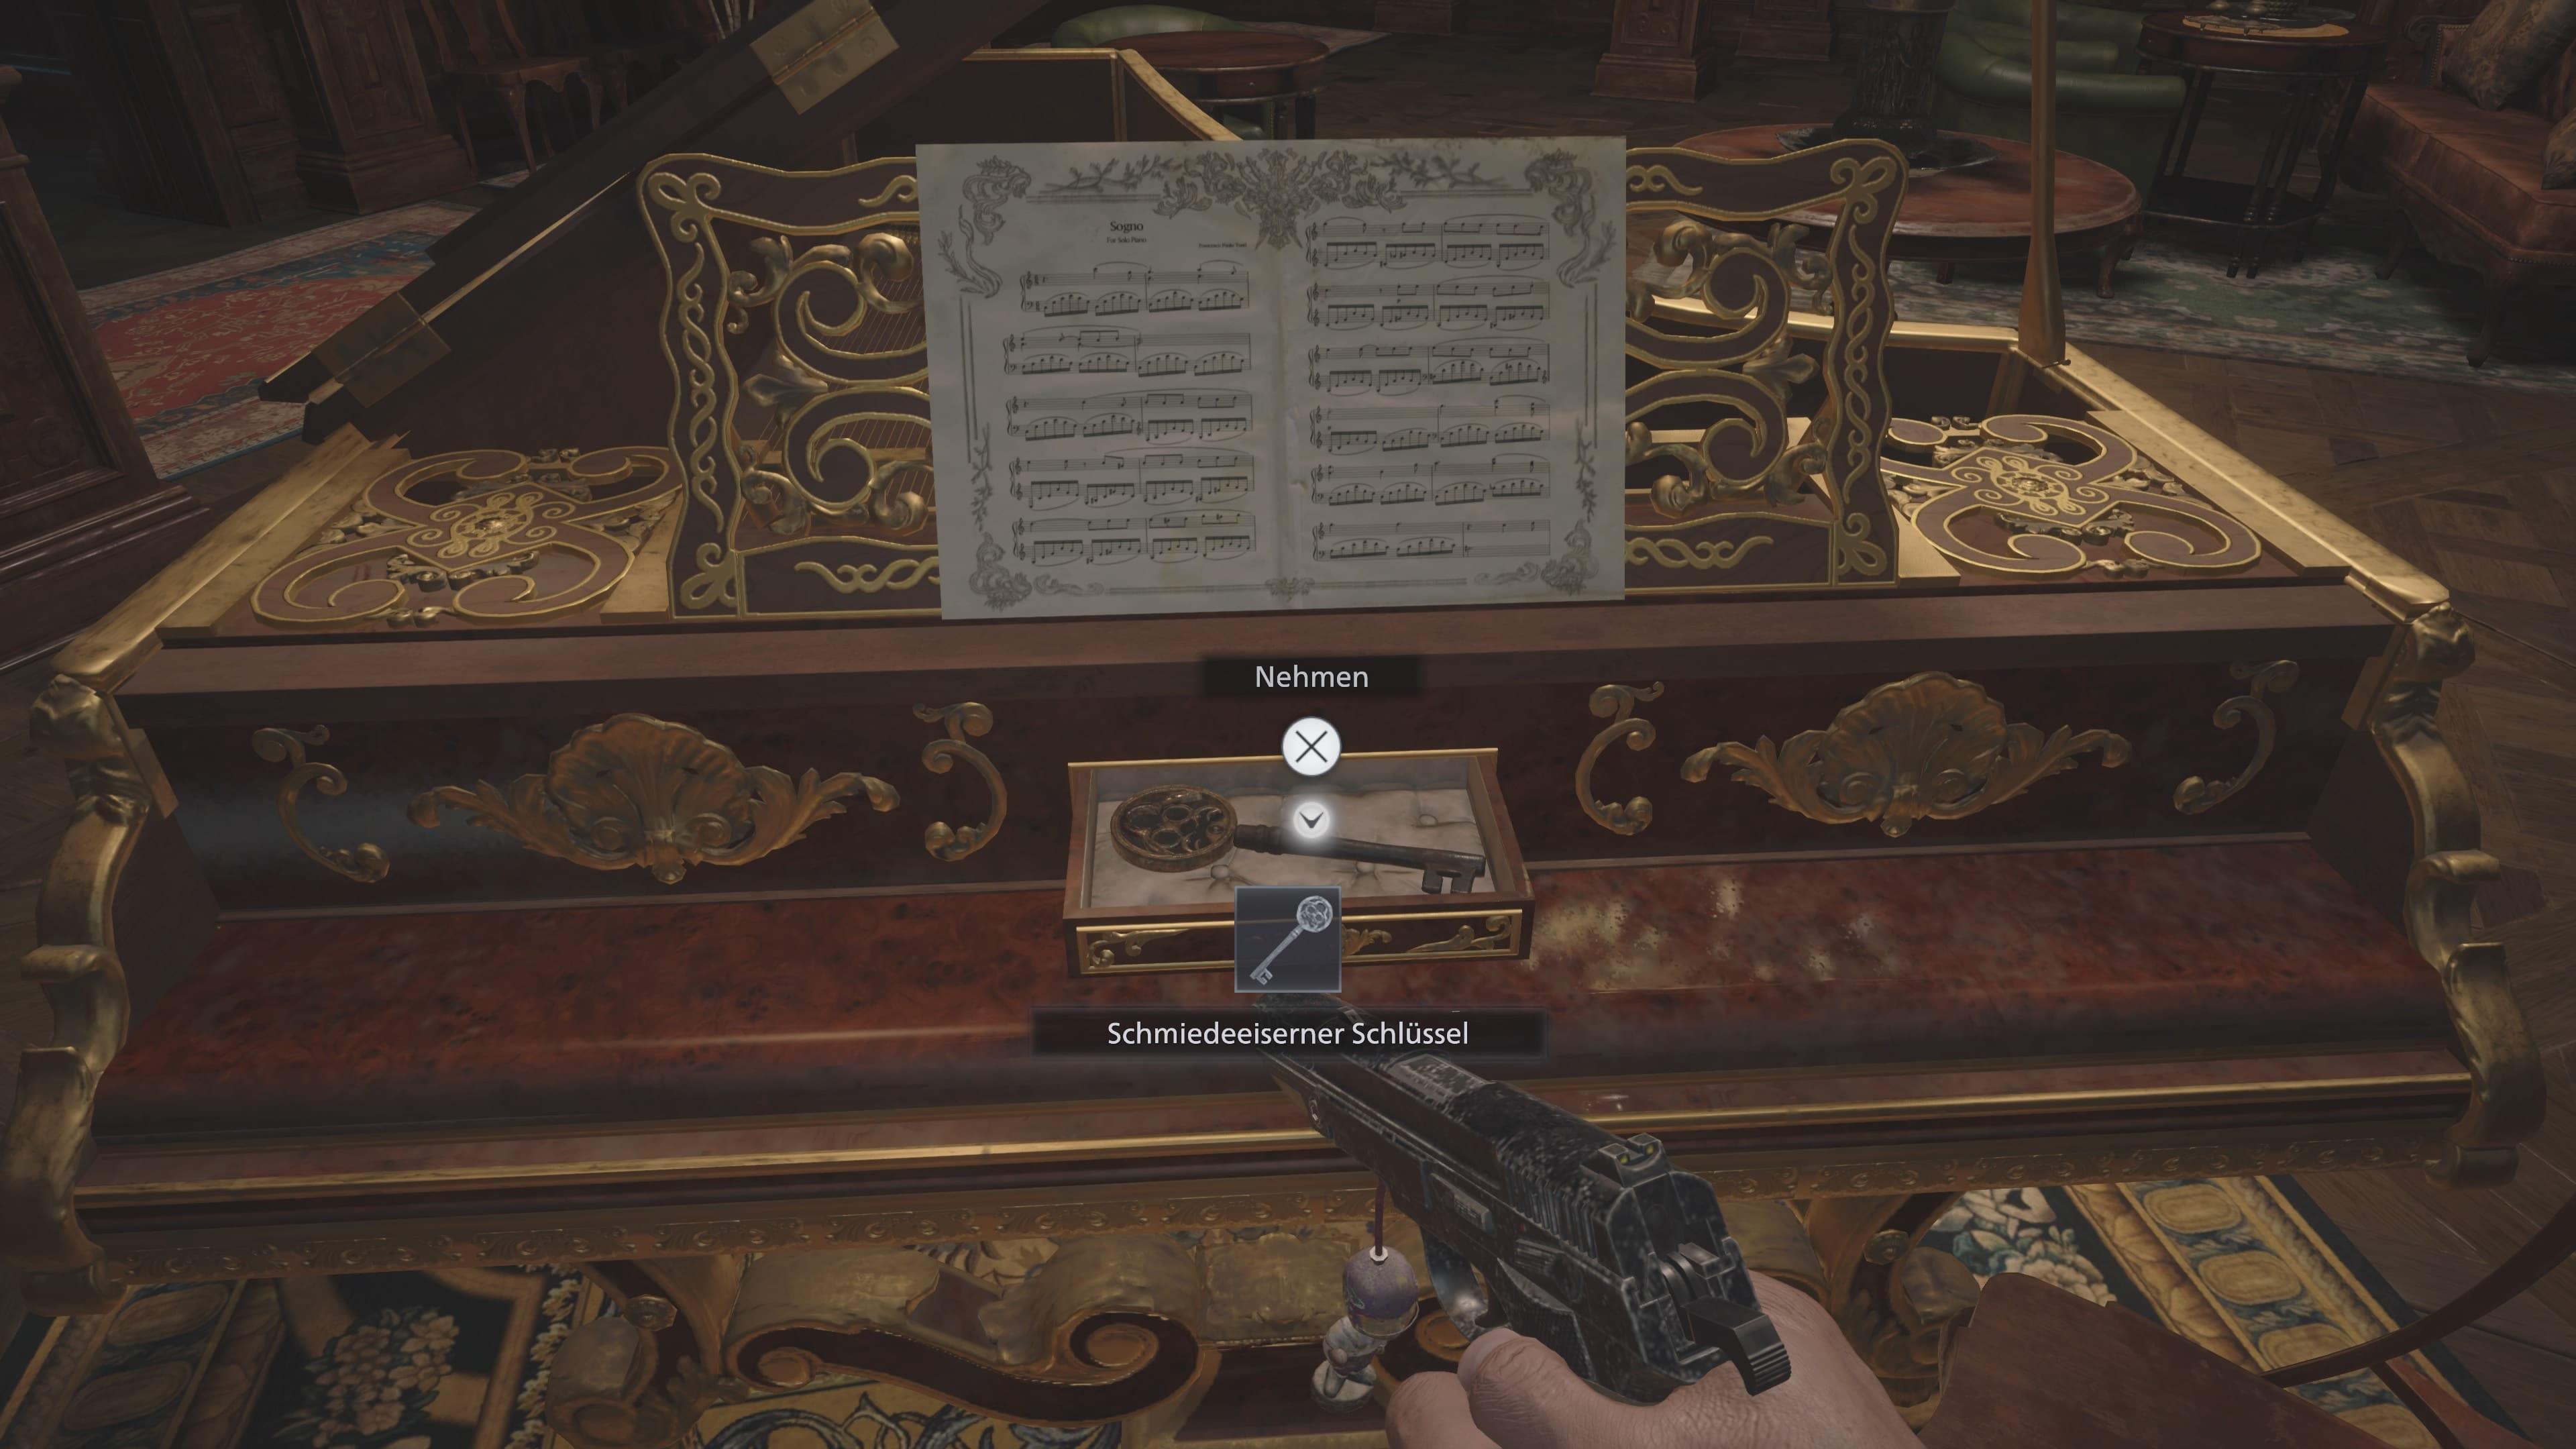 resident Evil 8: Schmiedeeiserner Schlüssel (Lösung)